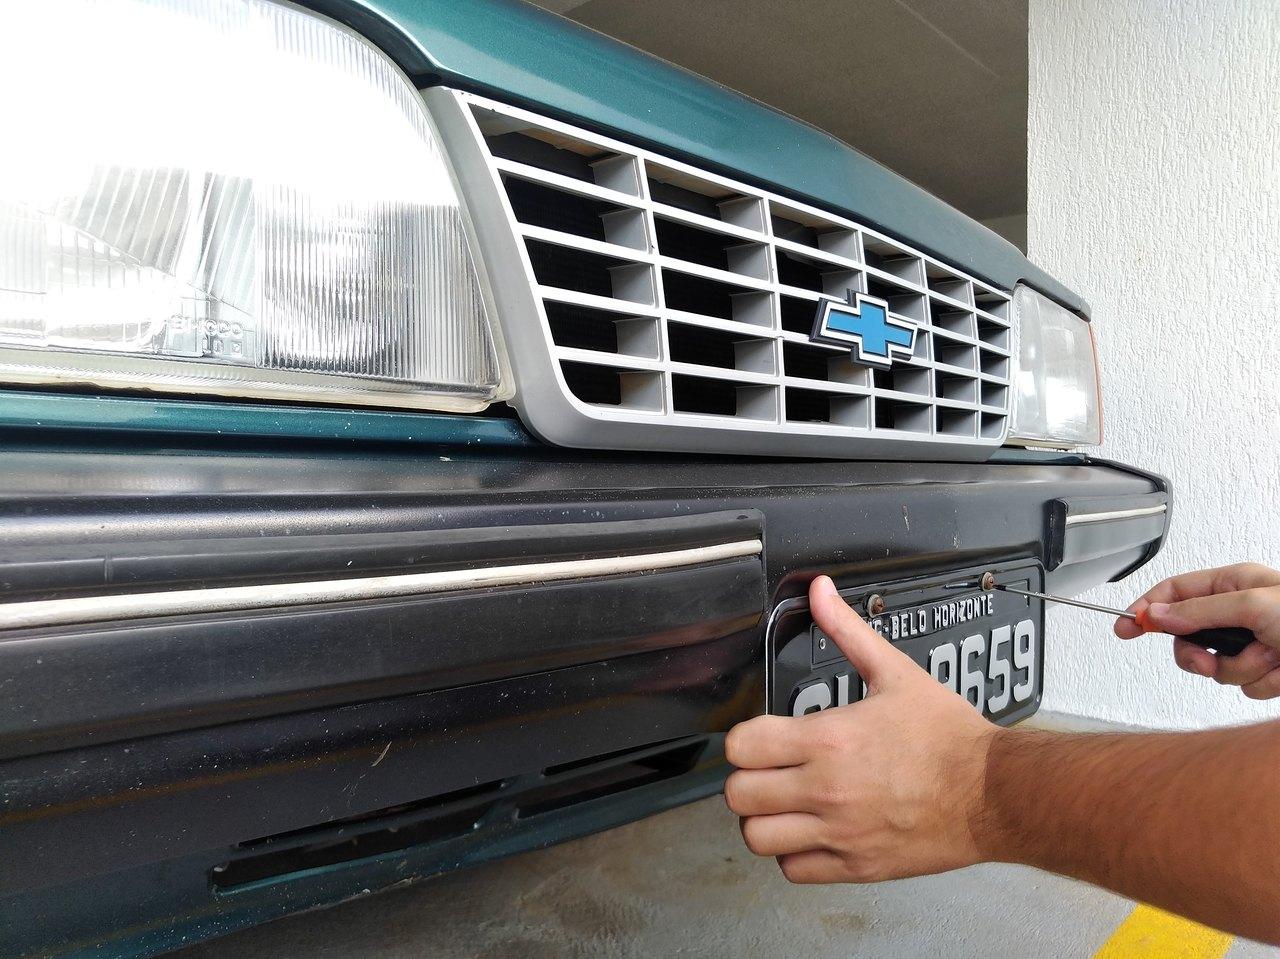 A partir de 1º de dezembro, as placas brasileiras vão mudar. Até 2023, todos os carros devem adotar as placas padrão Mercosul. O processo ficará mais fácil?